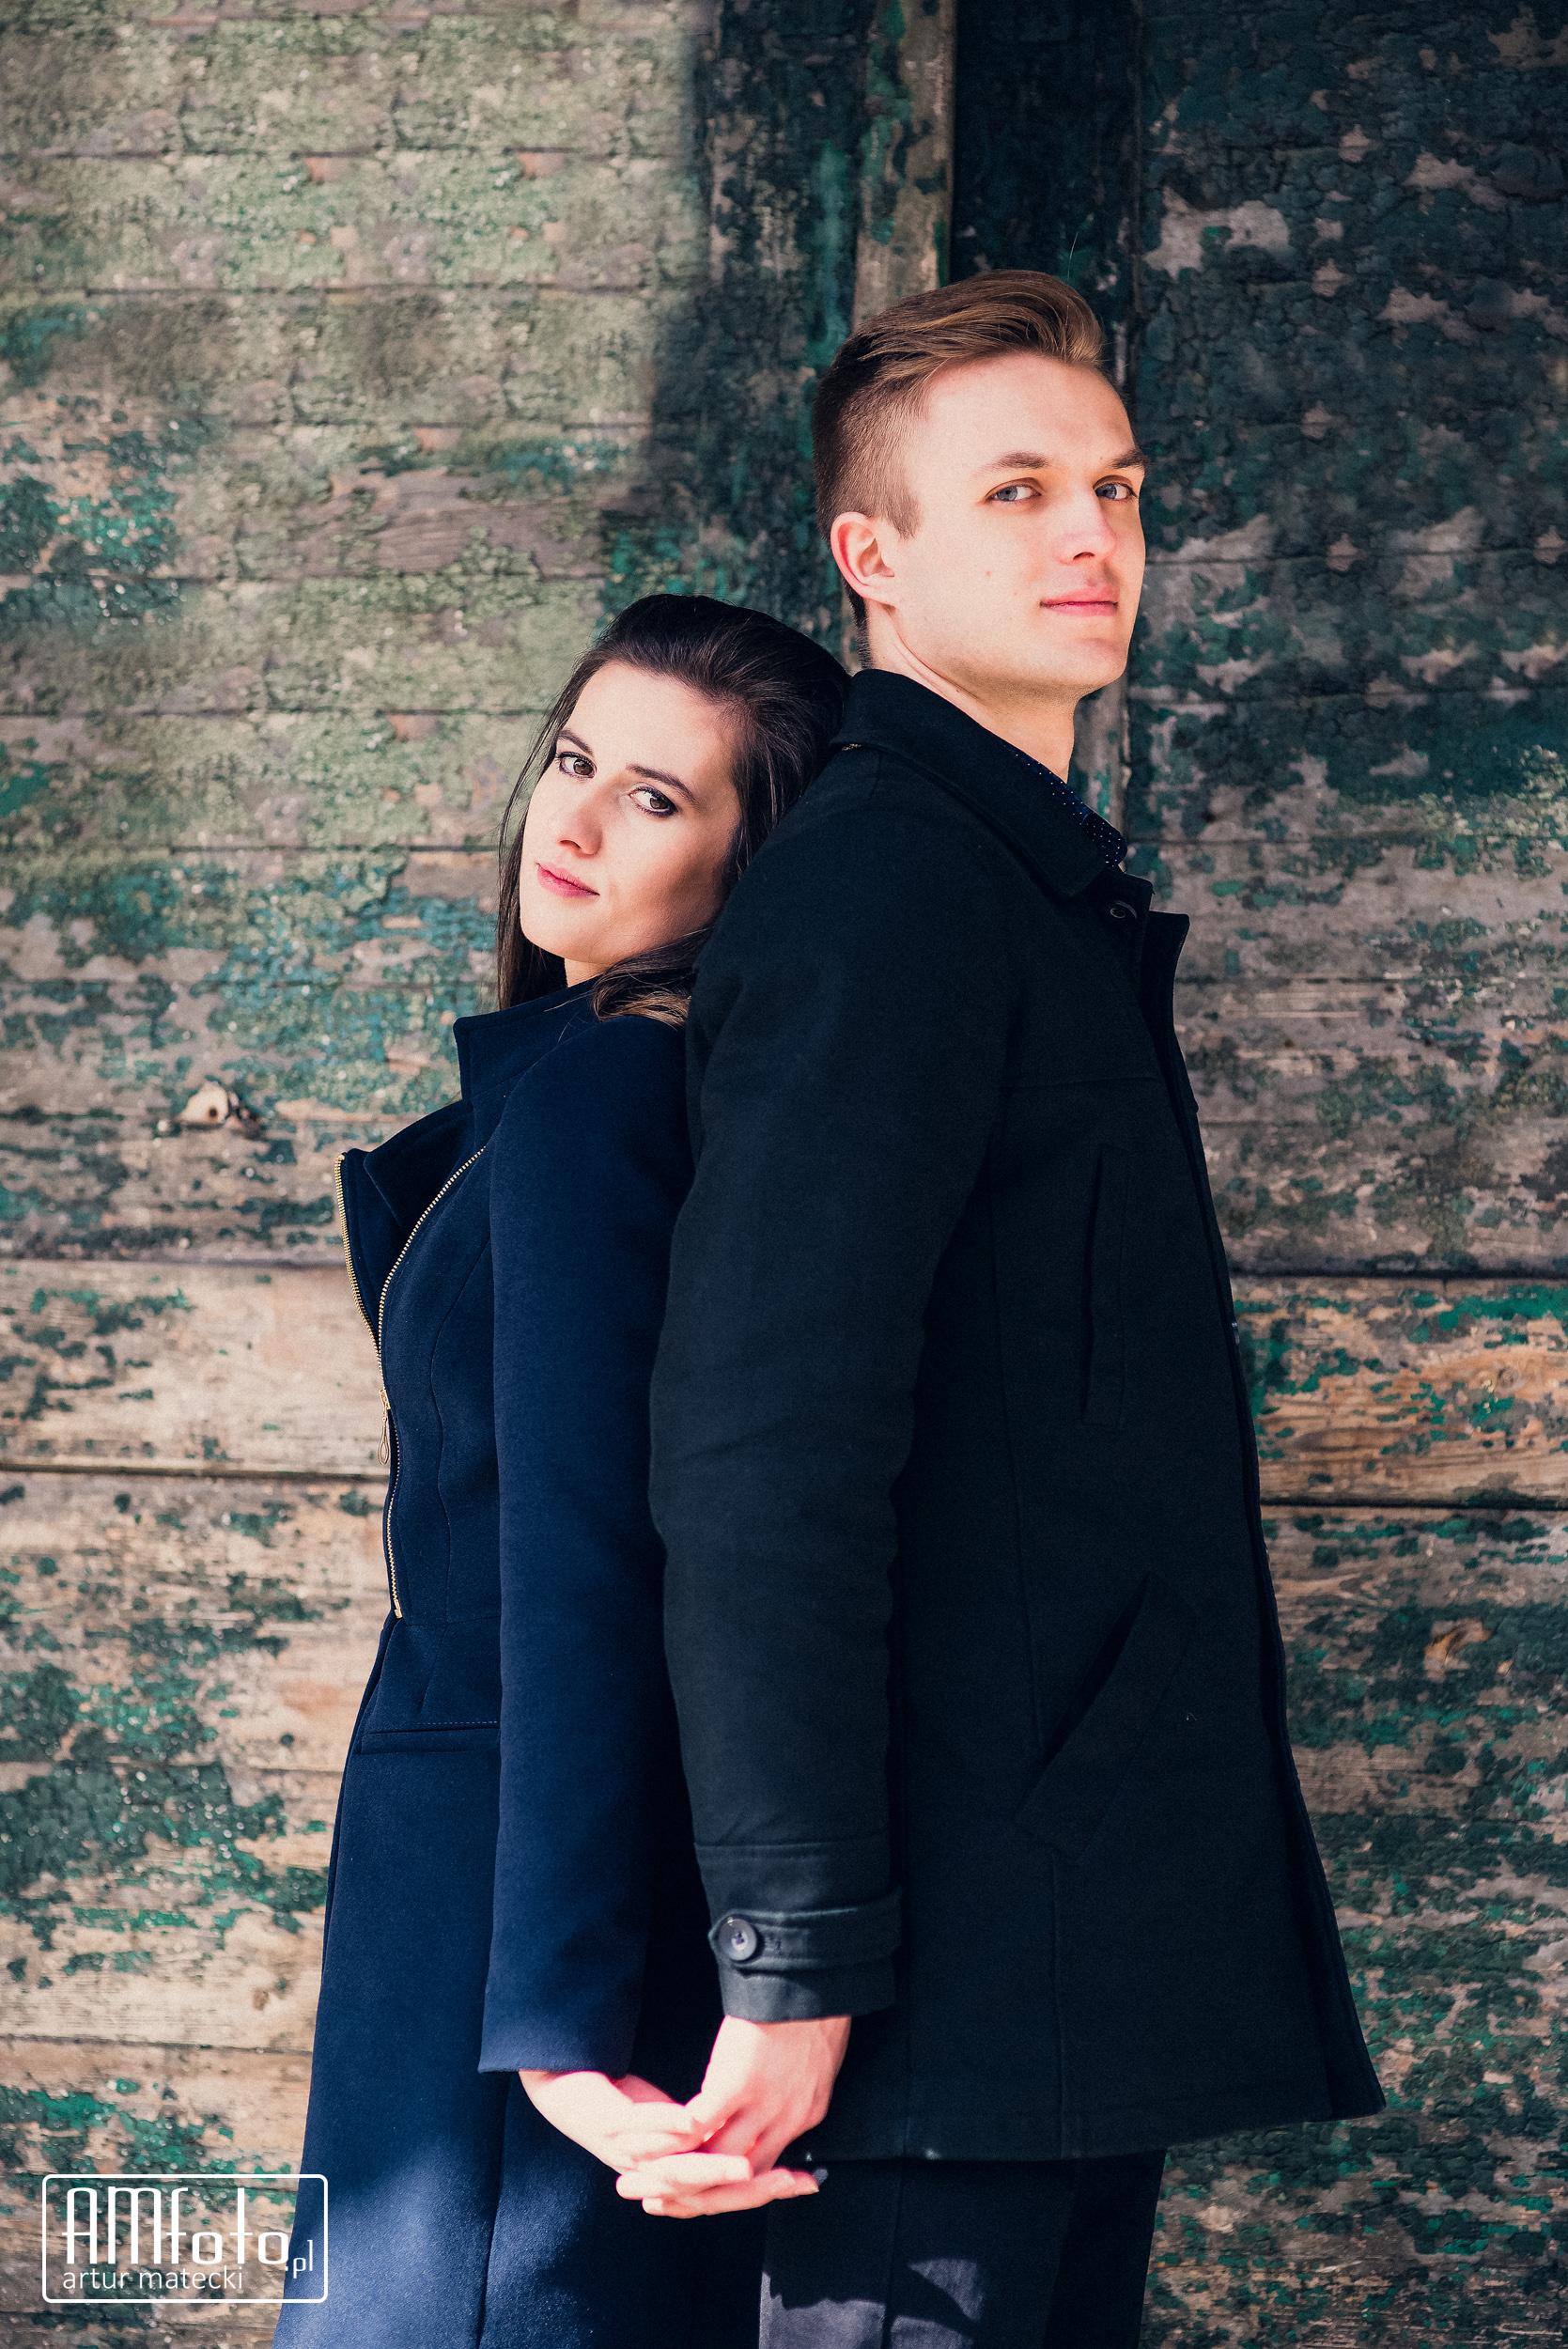 Patrycja&Kamil_sesja_narzeczenska_www_amfoto_pl-2500025.jpg